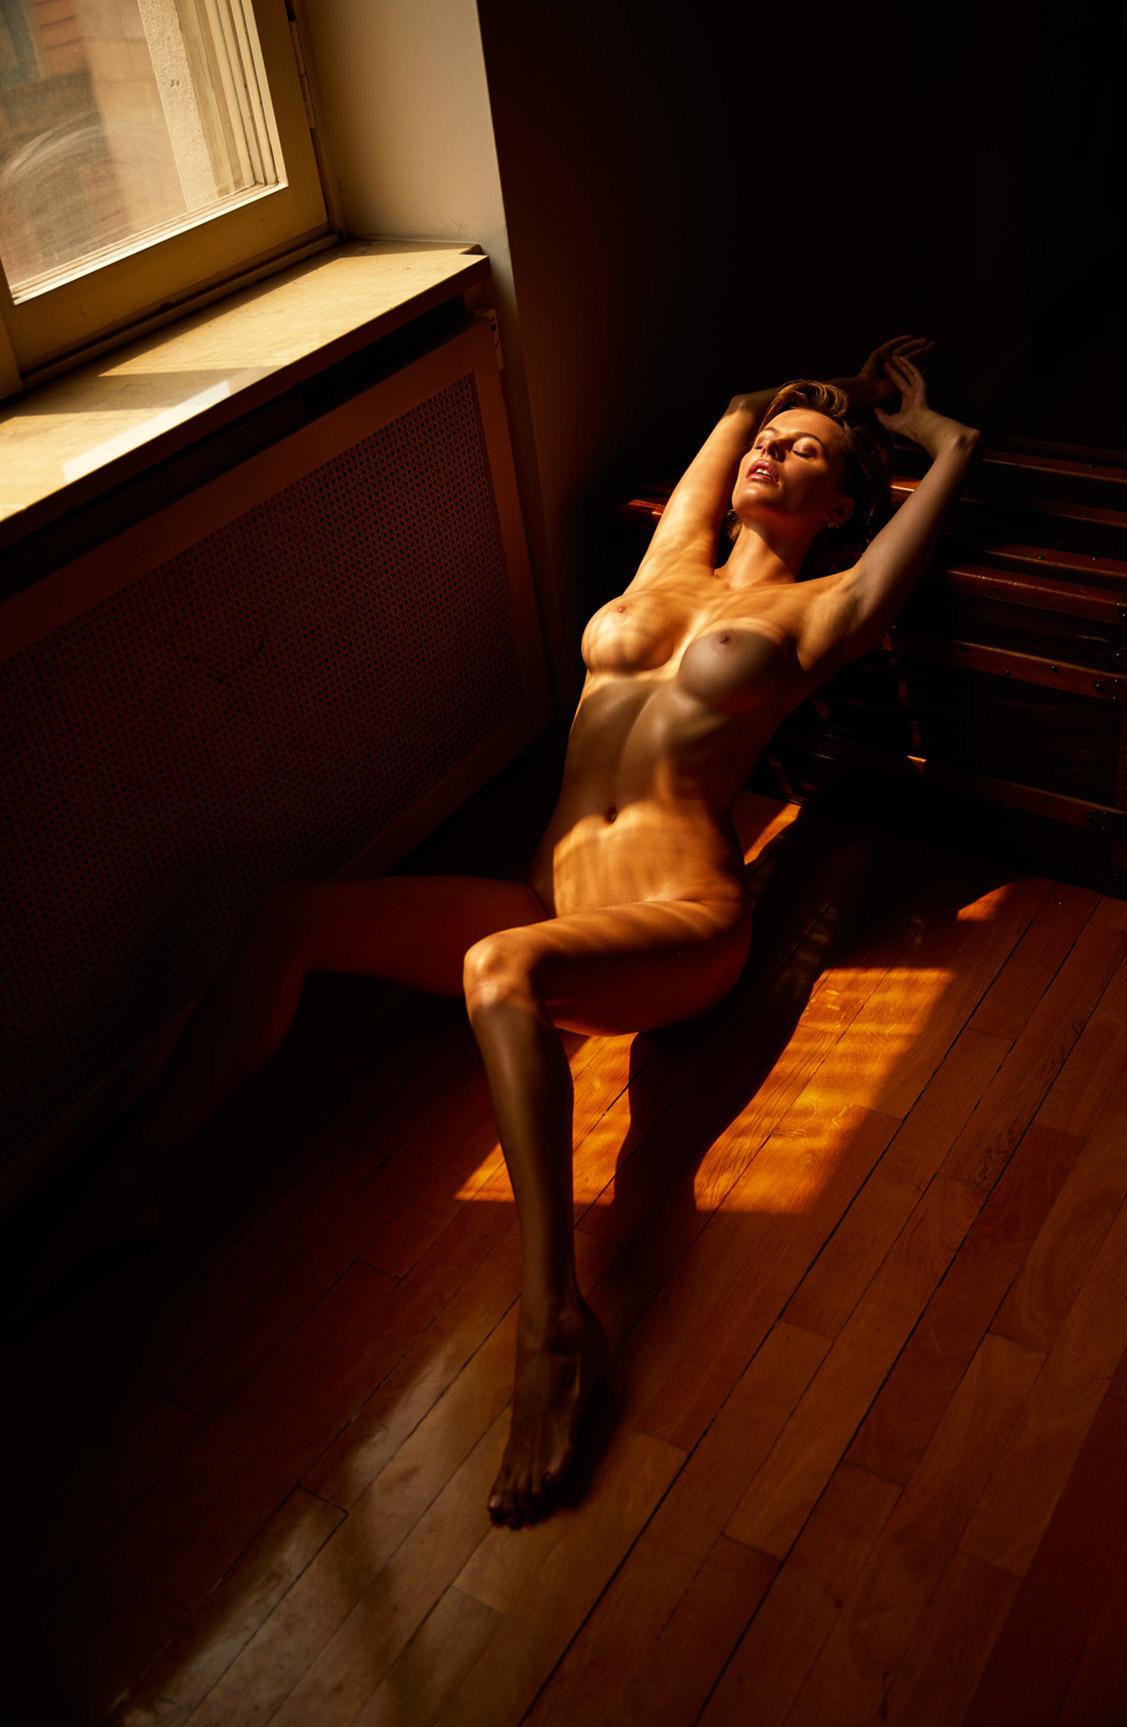 голая Ольга де Мар после наступления темноты / фото 18